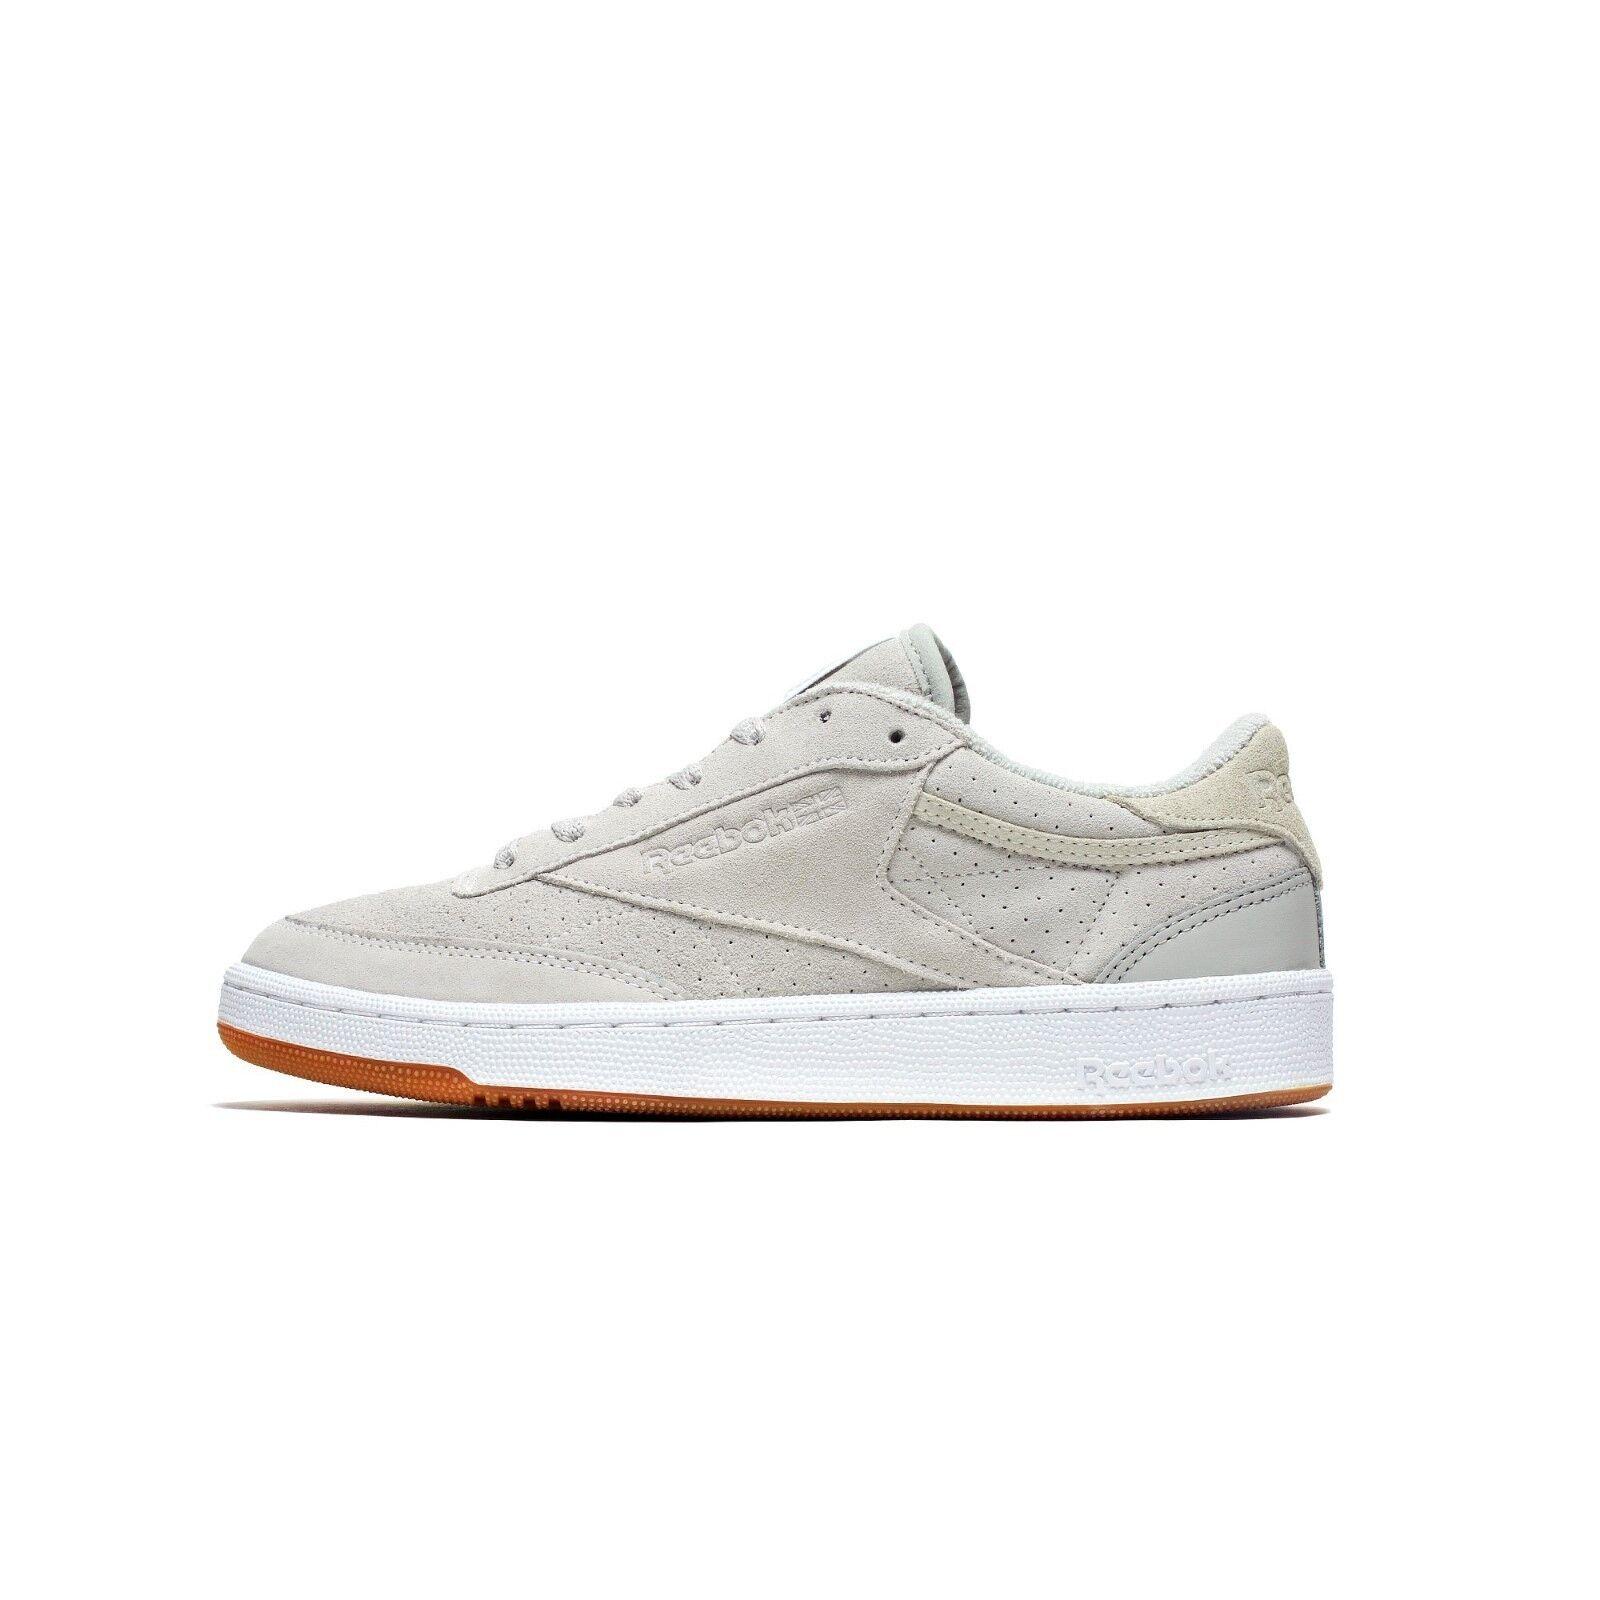 Reebok Classics Men's  Club C 85 Extra Butter scarpe da ginnastica Dimensione 6 to 13 us CN2159  miglior servizio